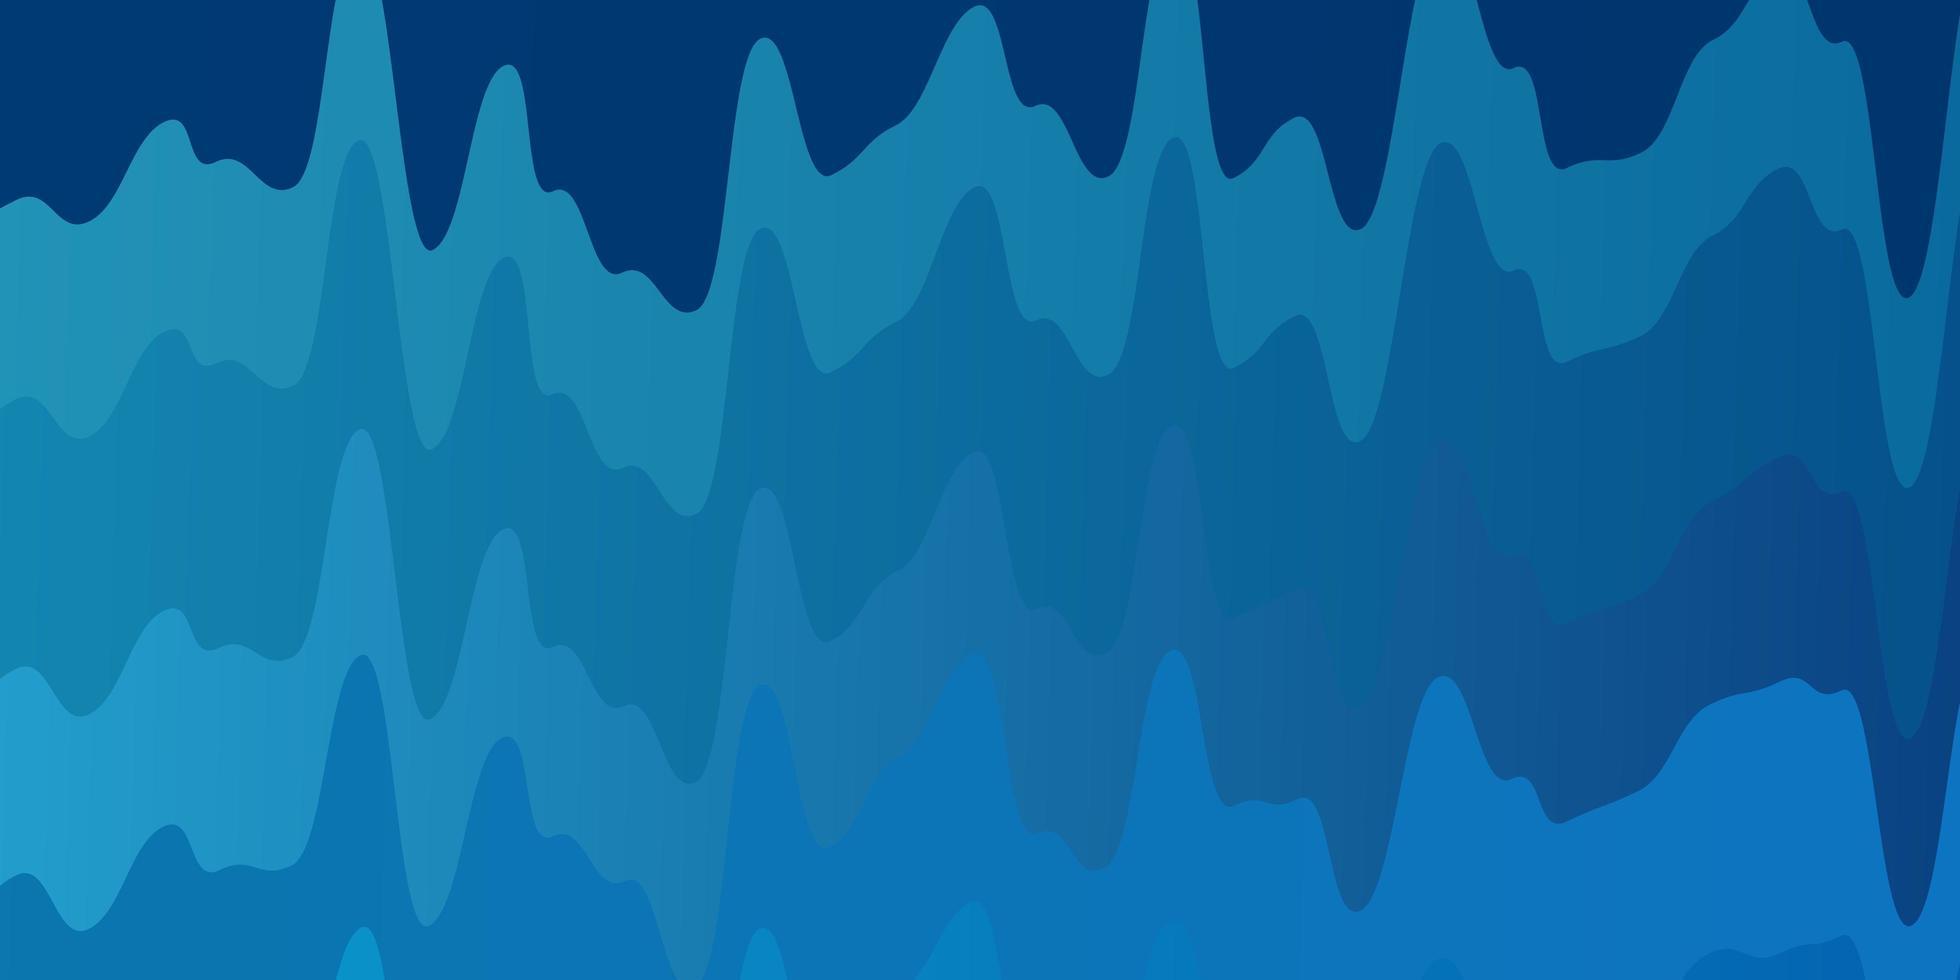 disposition de vecteur bleu clair avec des lignes ironiques.